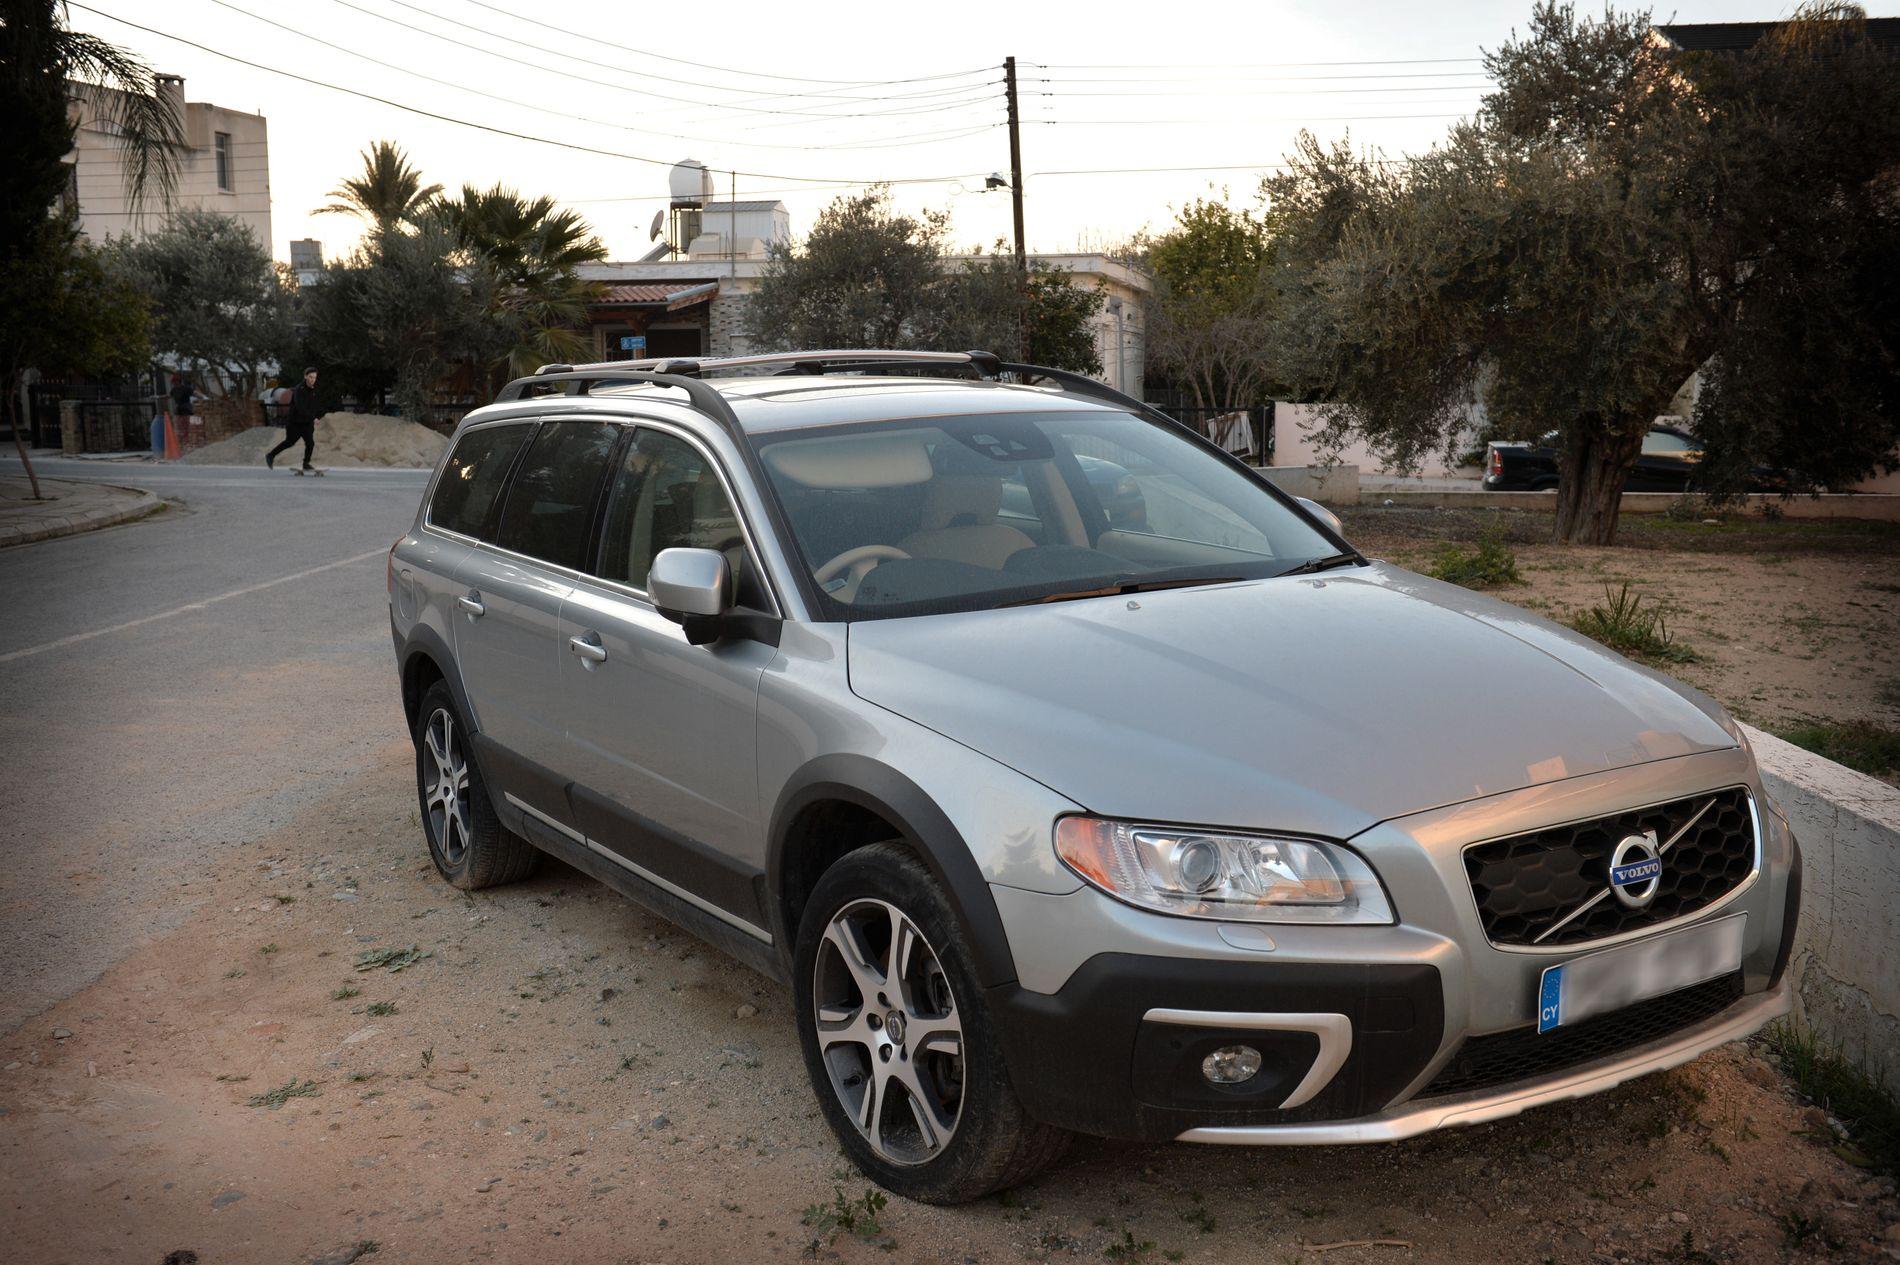 PÅSTÅTT MÅL: Da barnefaren ble etterforsket av politi i fjor vinter, hevdet han at målet med turen til Kypros den gangen var å hente hjem bilen hans, denne Volvoen.